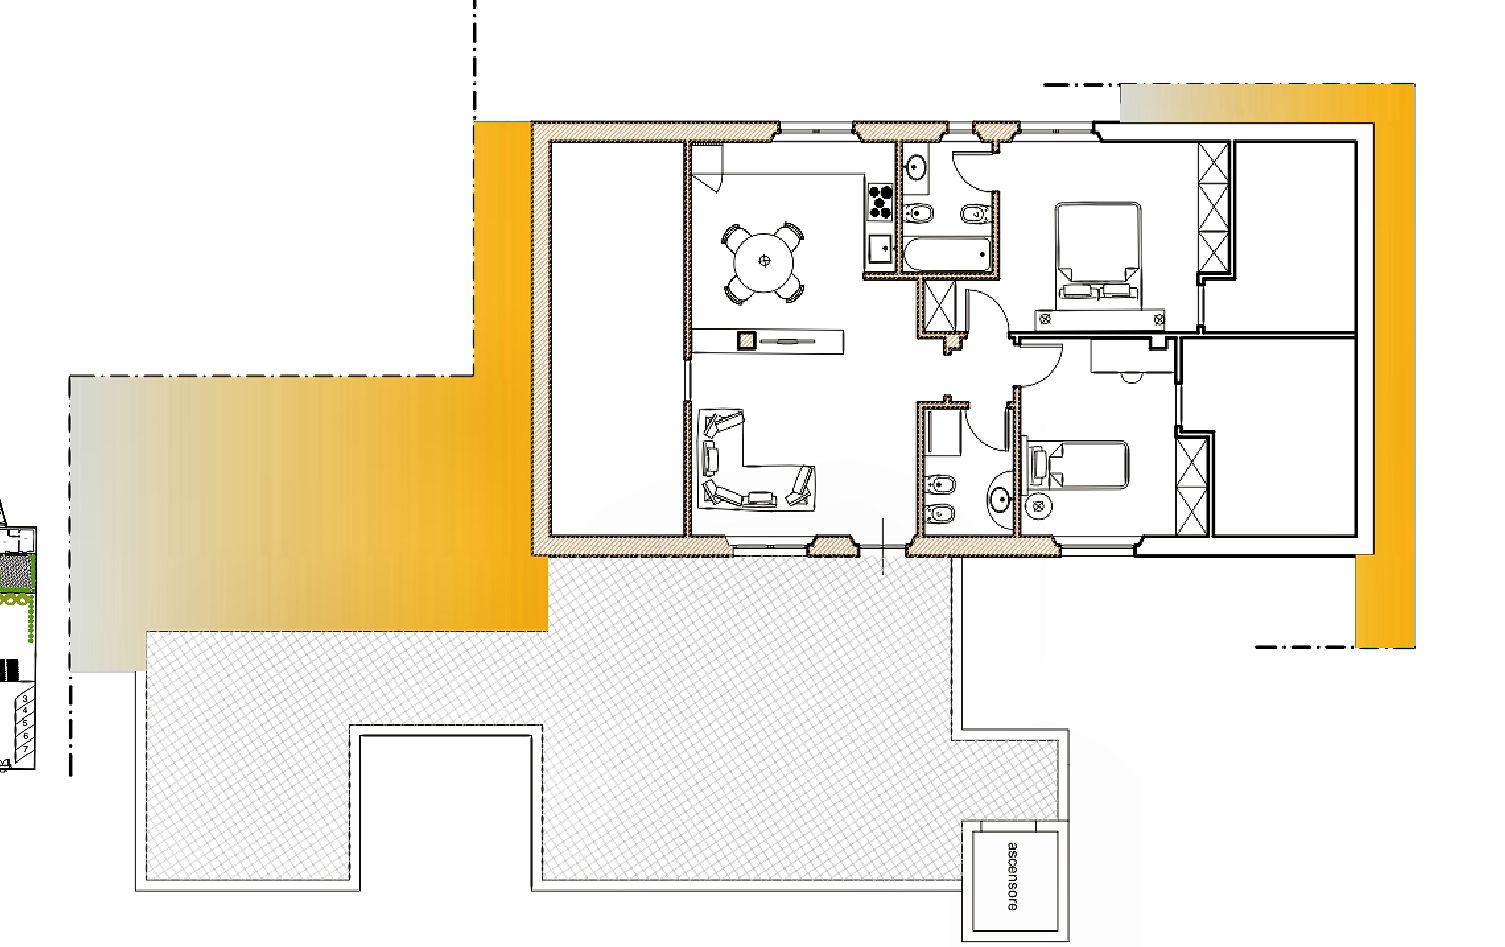 Appartamento in vendita, rif. 02438 (Planimetria 1/1)